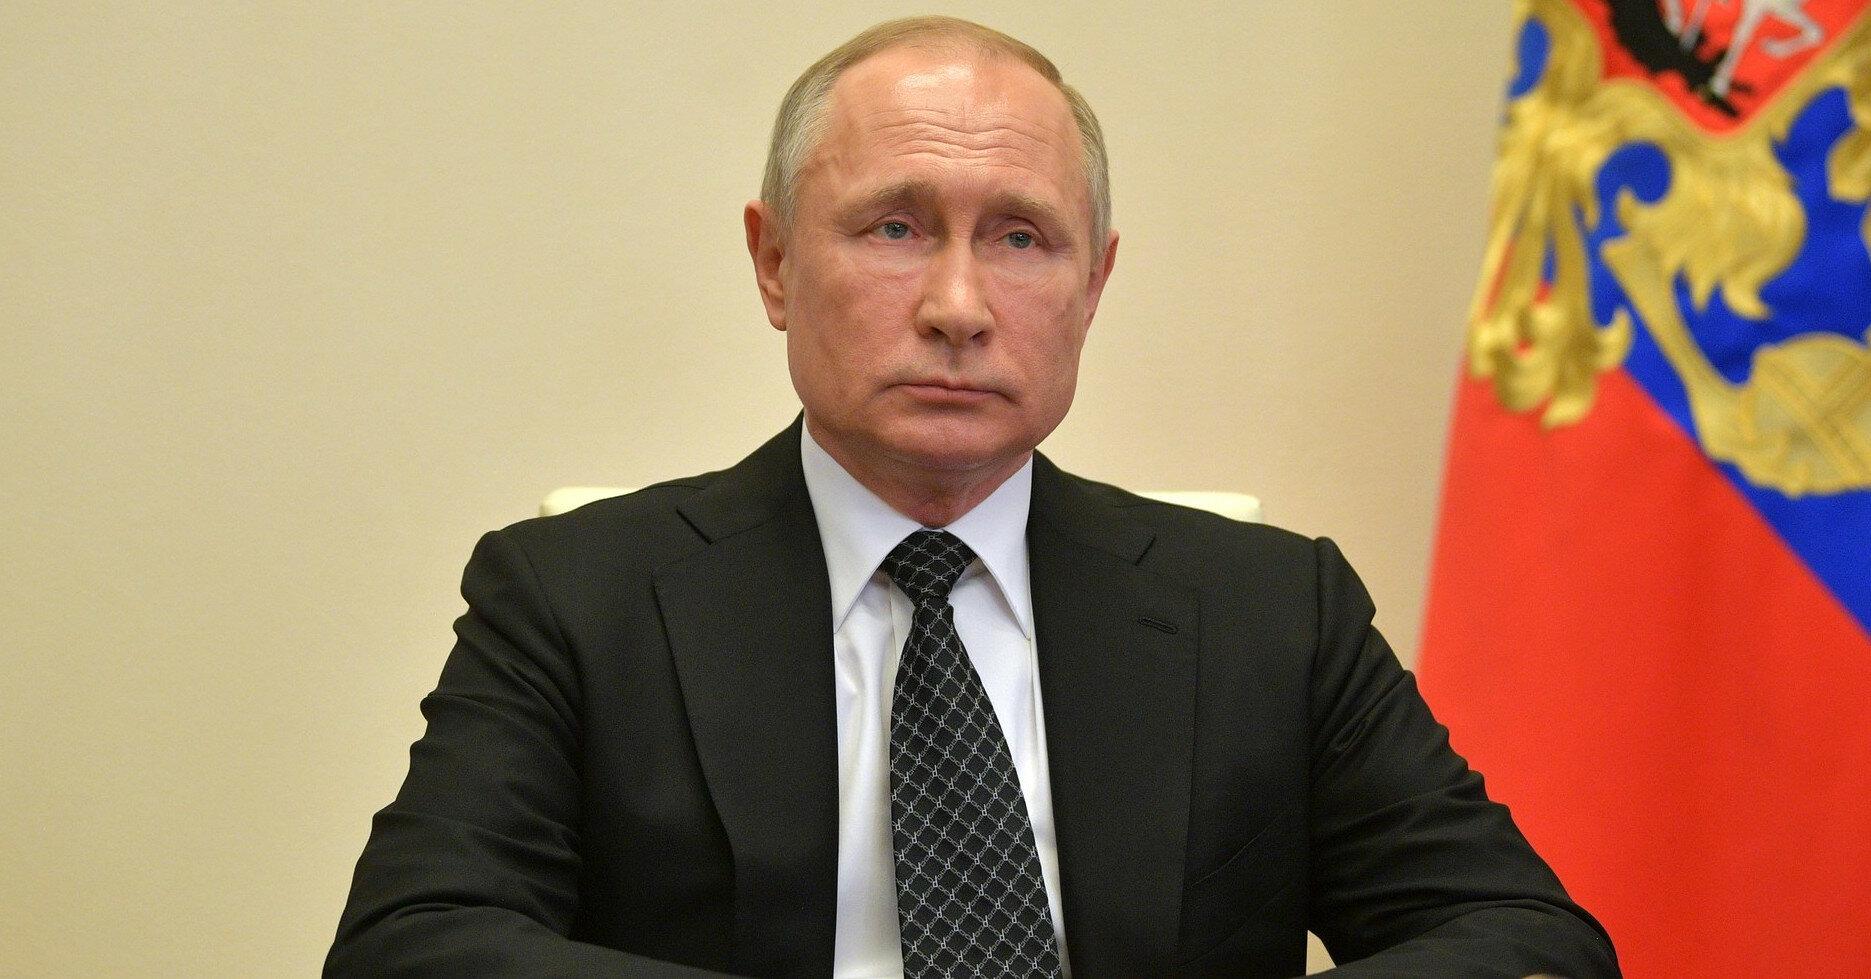 Путин рассказал о разрешении ядерного вопроса с КНДР